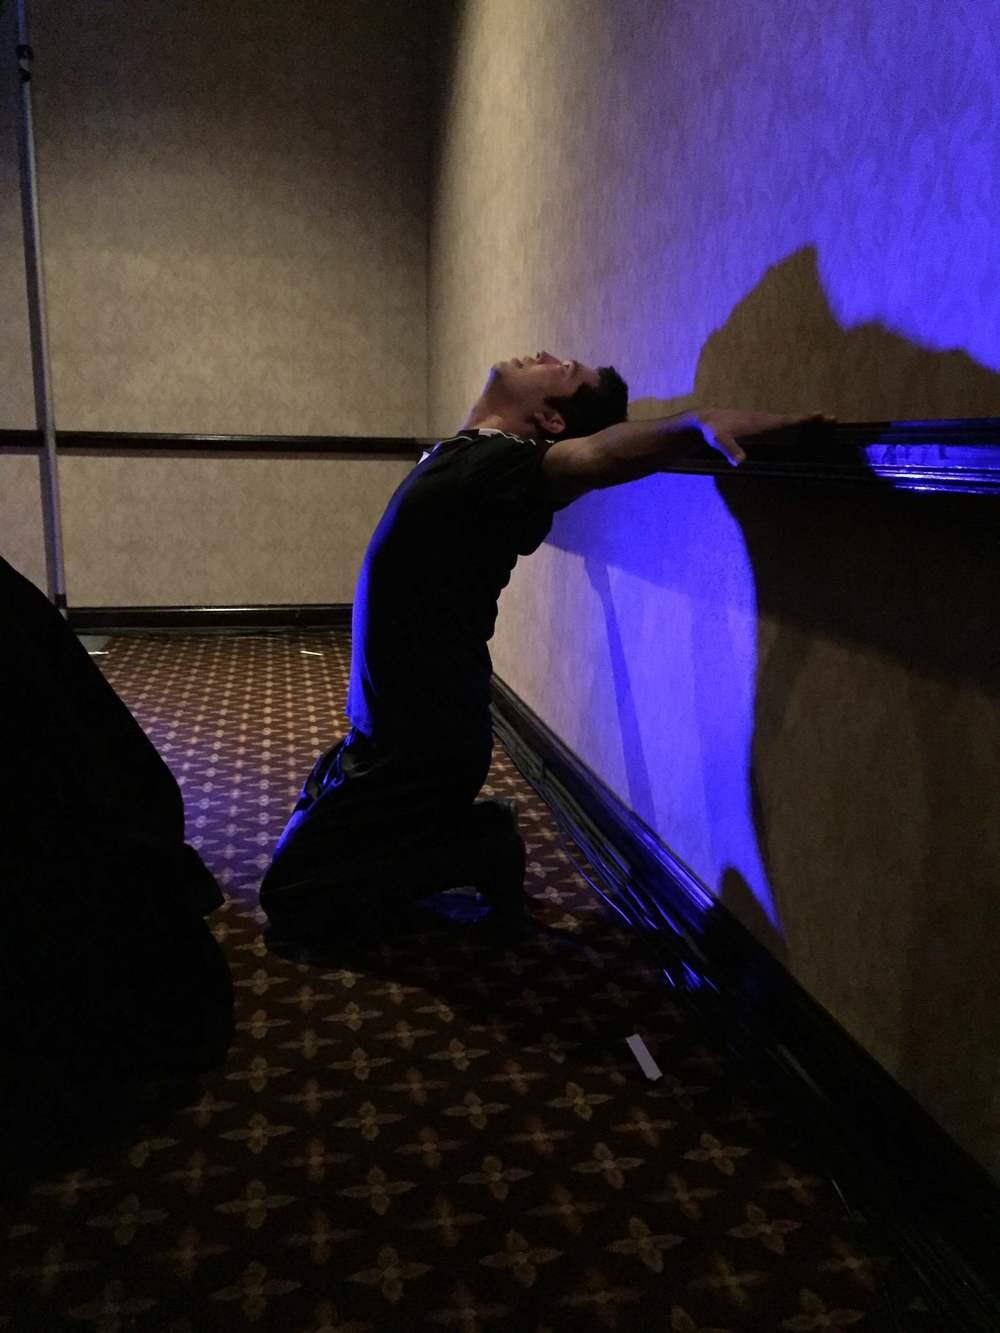 Doug was GETTING. HIS. LIFE. backstage!!!!!!! WORK.